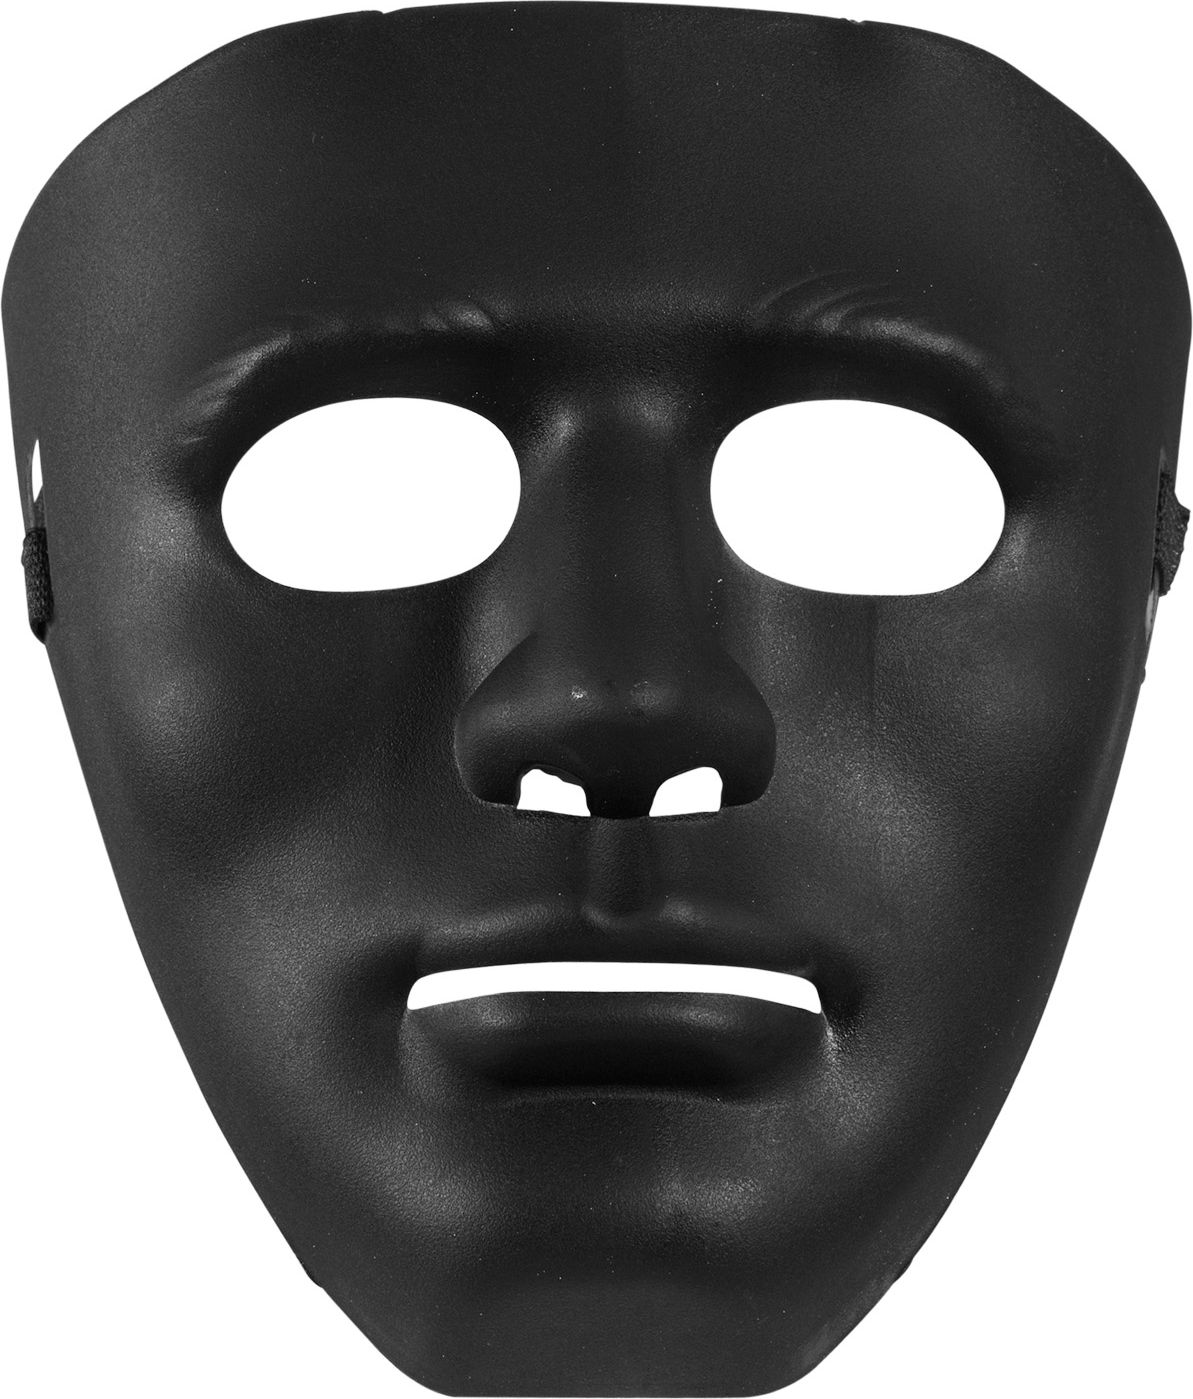 Simpel zwart masker